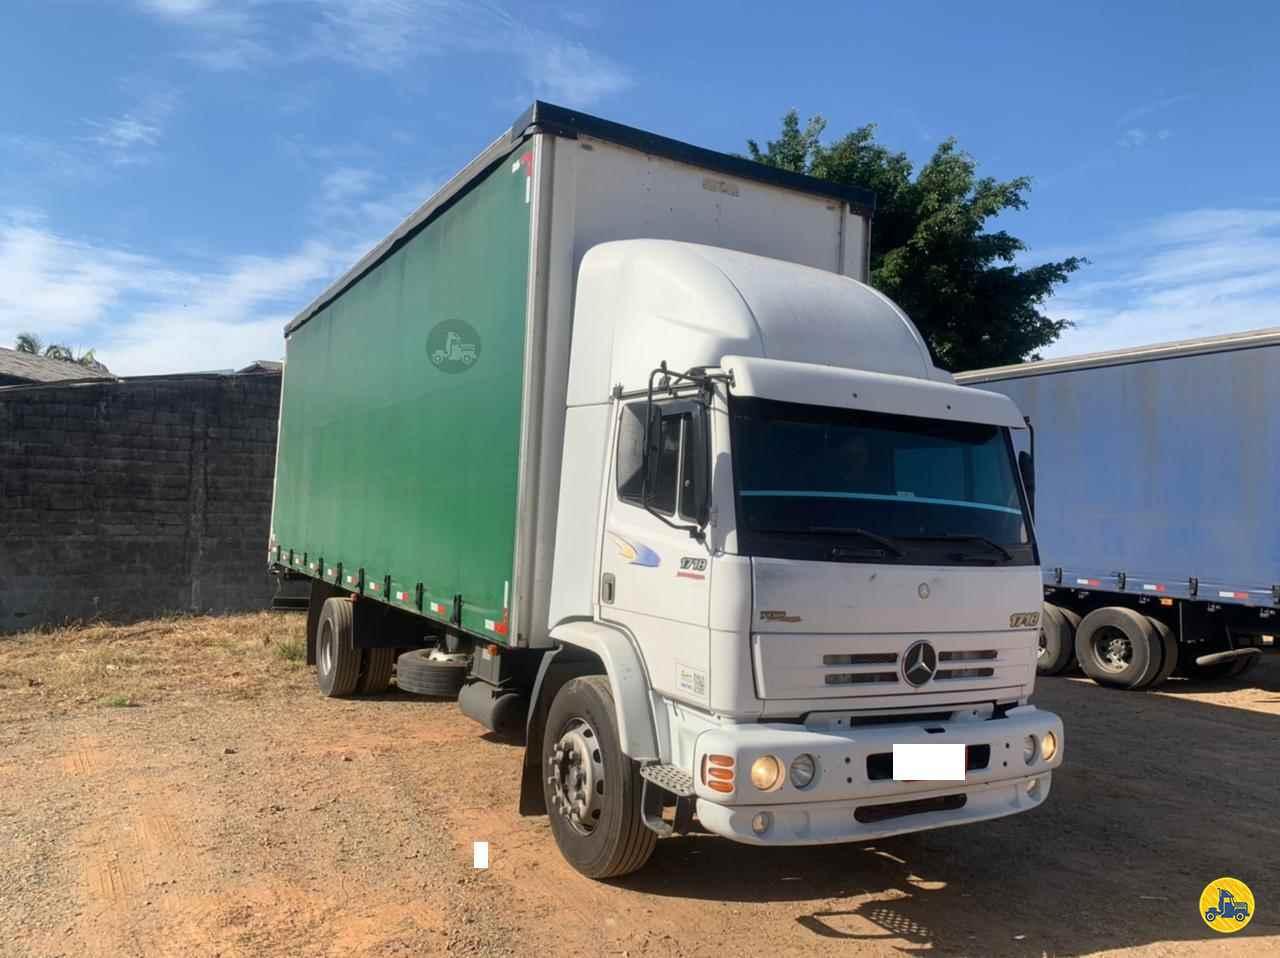 CAMINHAO MERCEDES-BENZ MB 1718 Baú Sider Toco 4x2 Wilson Caminhões RIBEIRAO PIRES SÃO PAULO SP